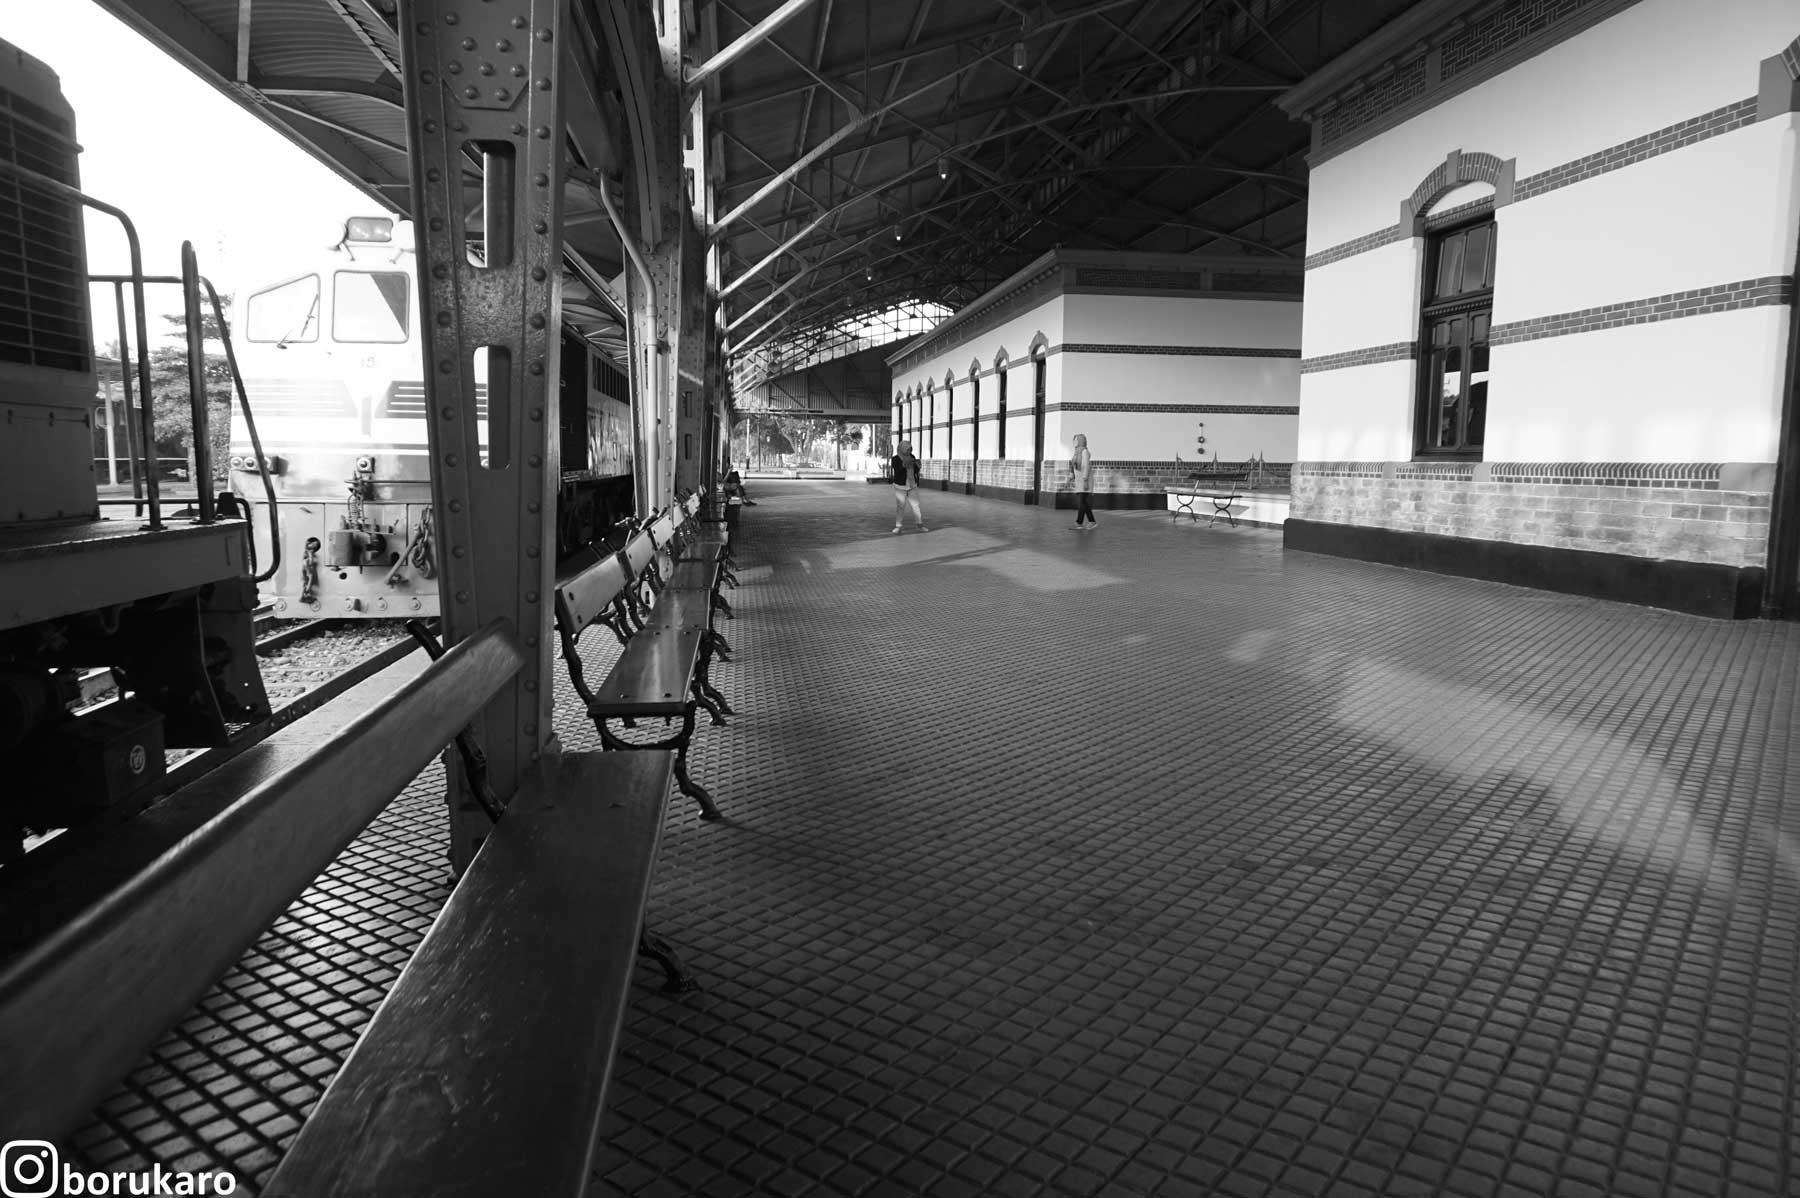 Tempat duduk penumpang menunggu kereta